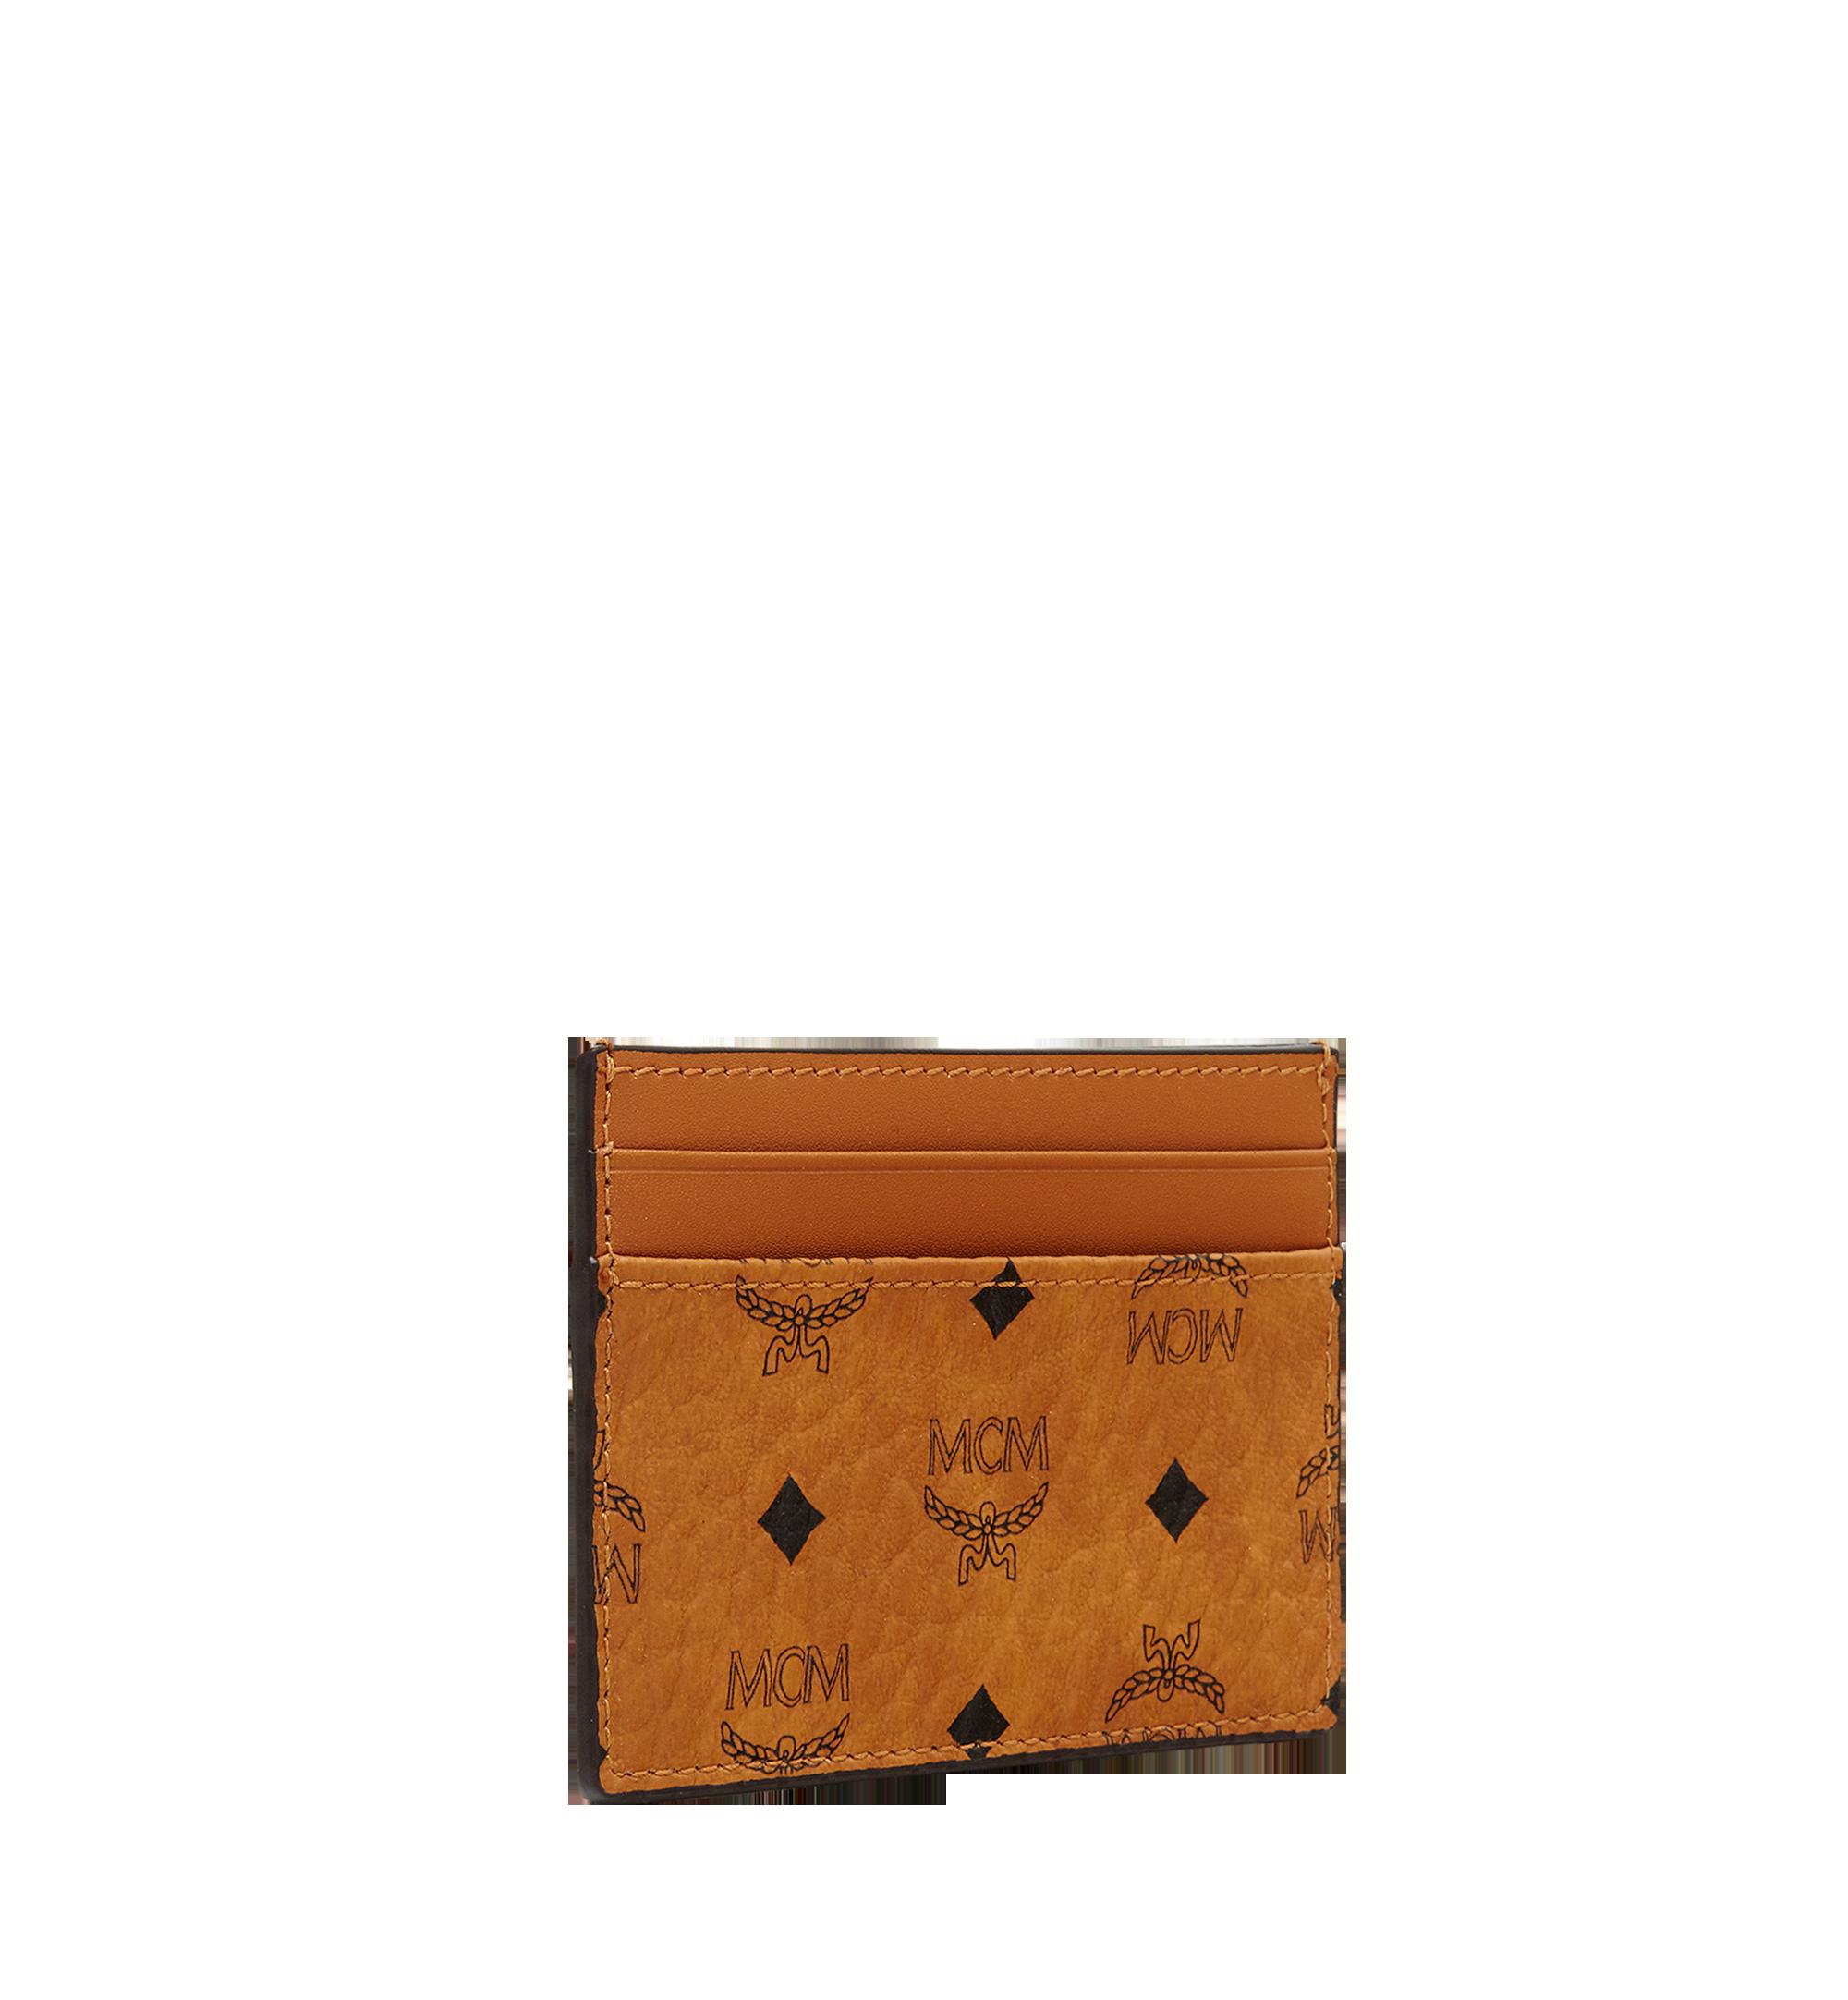 MCM Card Case in Visetos Original Cognac MXA8SVI26CO001 Alternate View 1